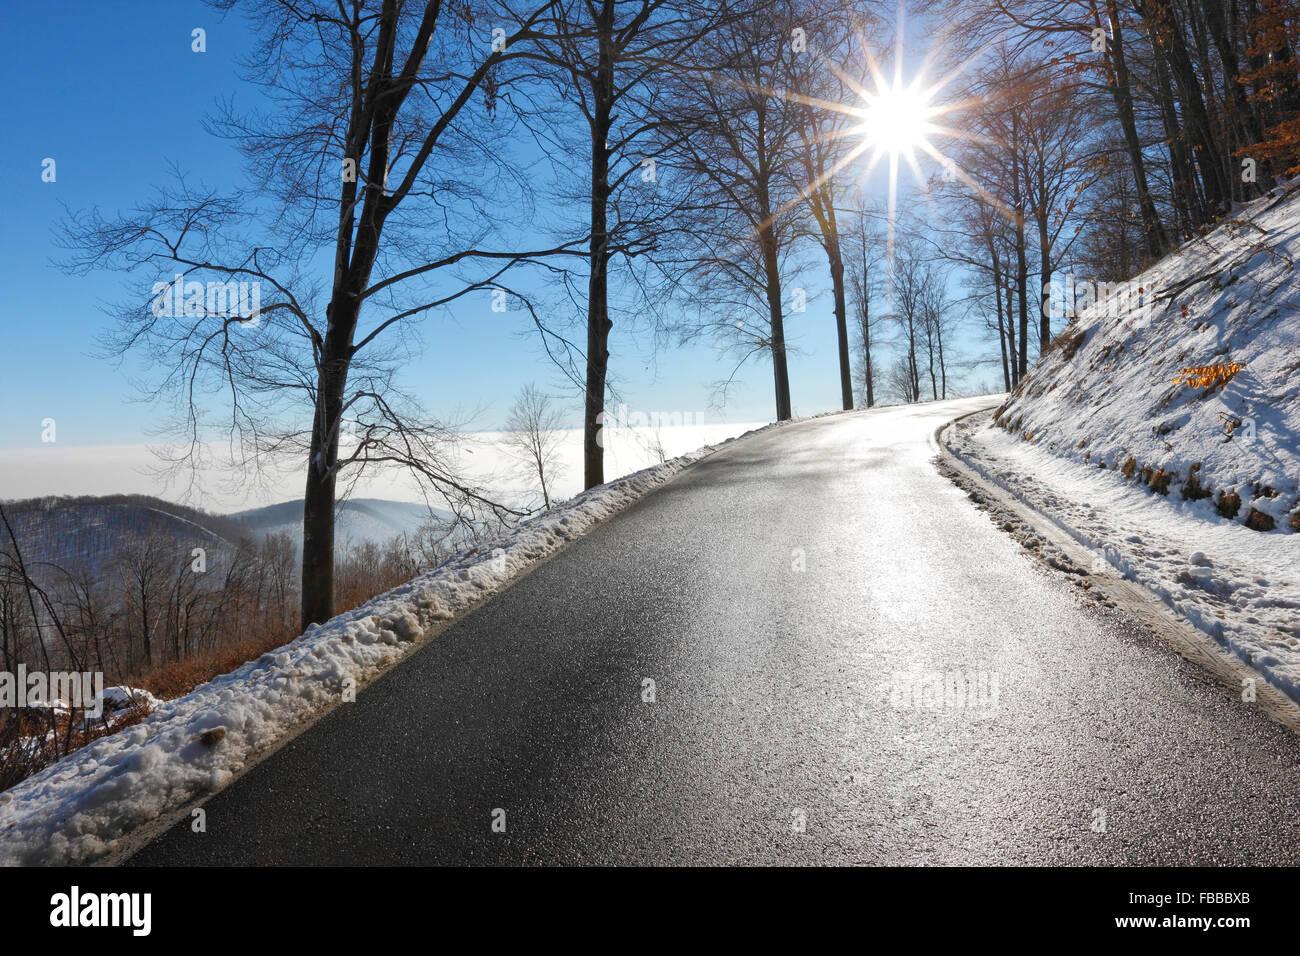 Route vide en hiver avec sun beam dans le ciel Photo Stock